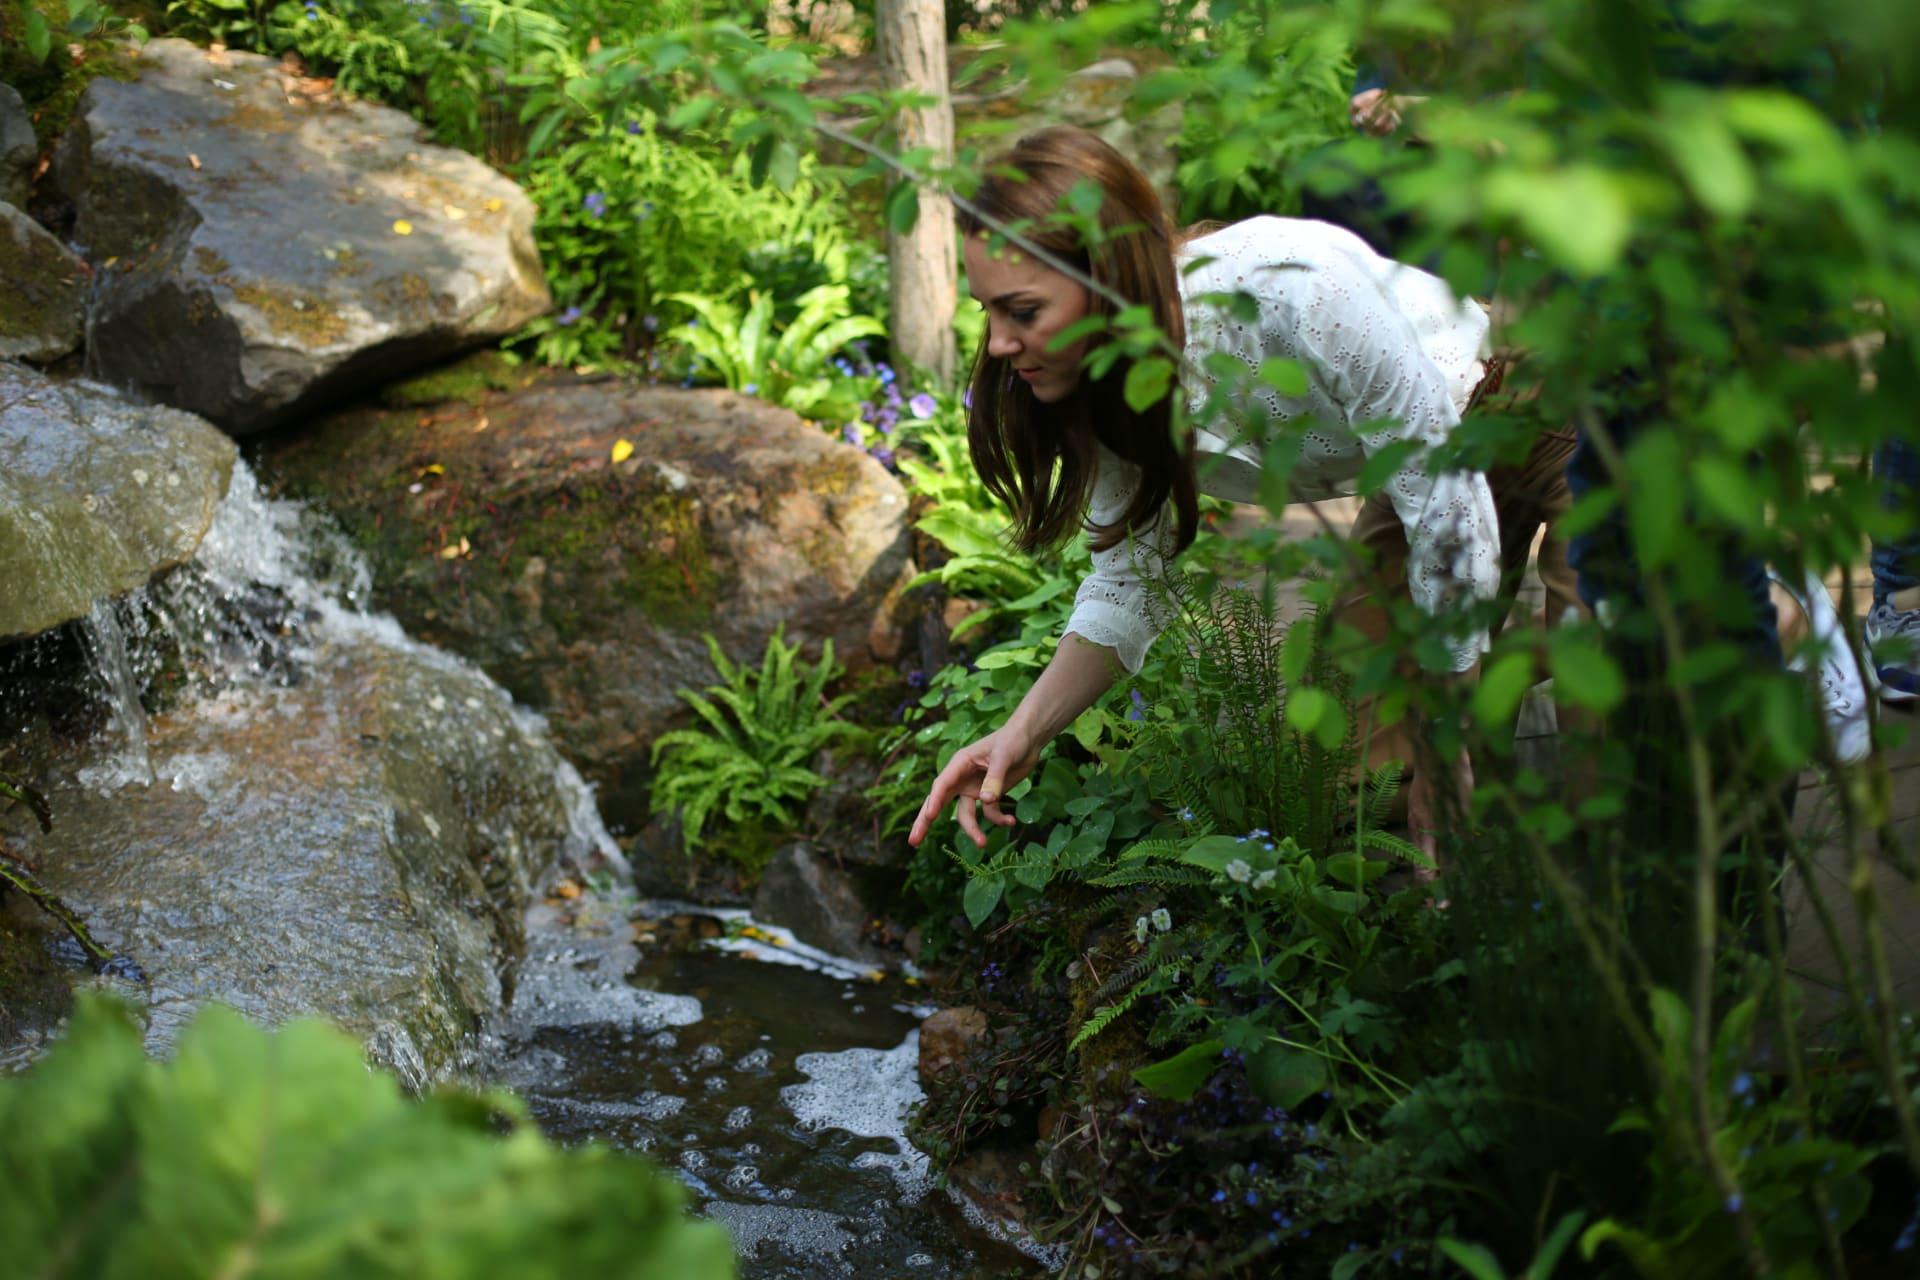 بالصور..العائلة المالكة البريطانية تتنزه داخل حديقة جديدة من تصميم دوقة كامبريدج